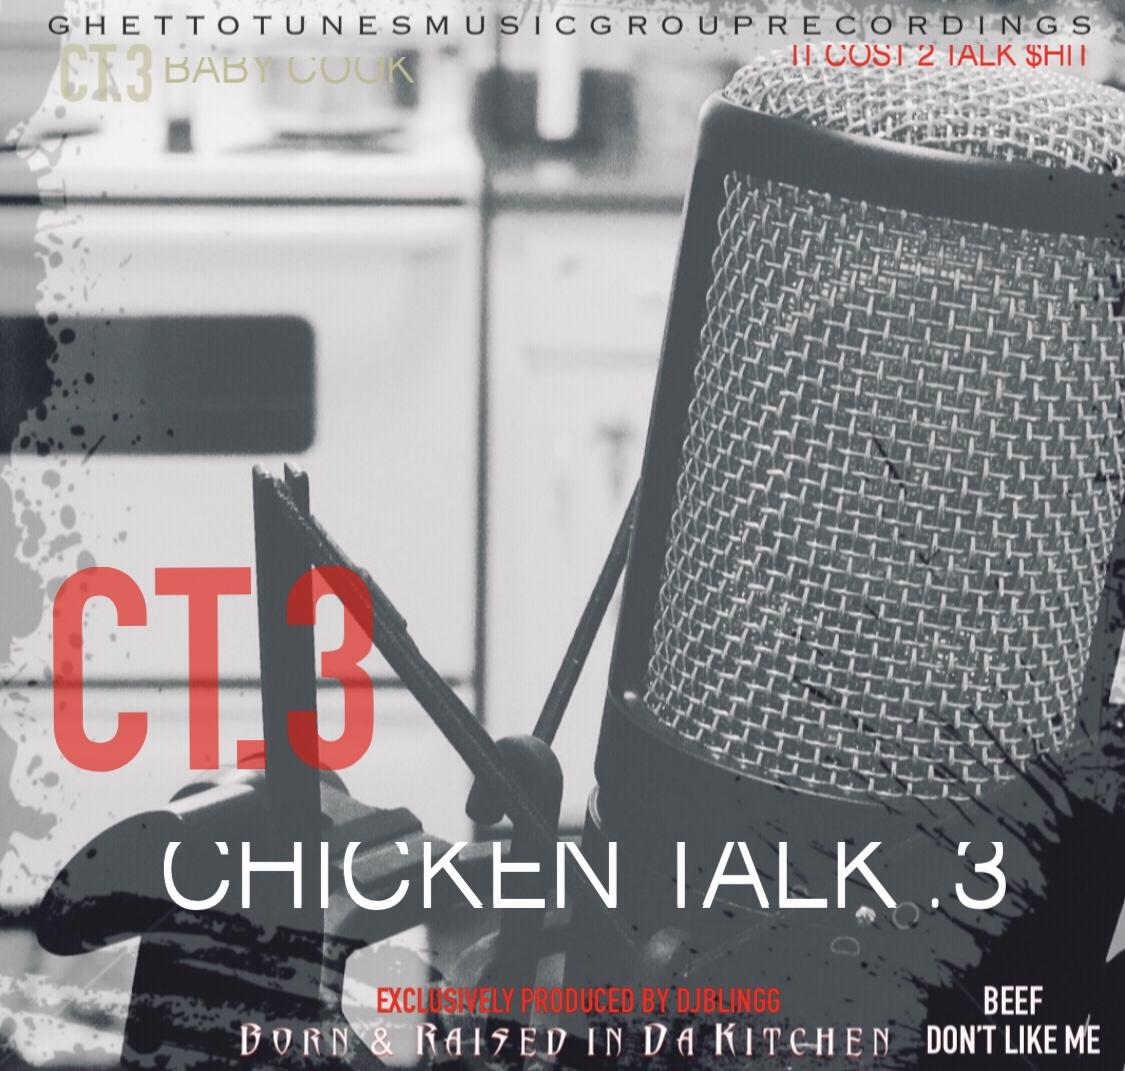 Chicken Talk .3 (Baby Cook)